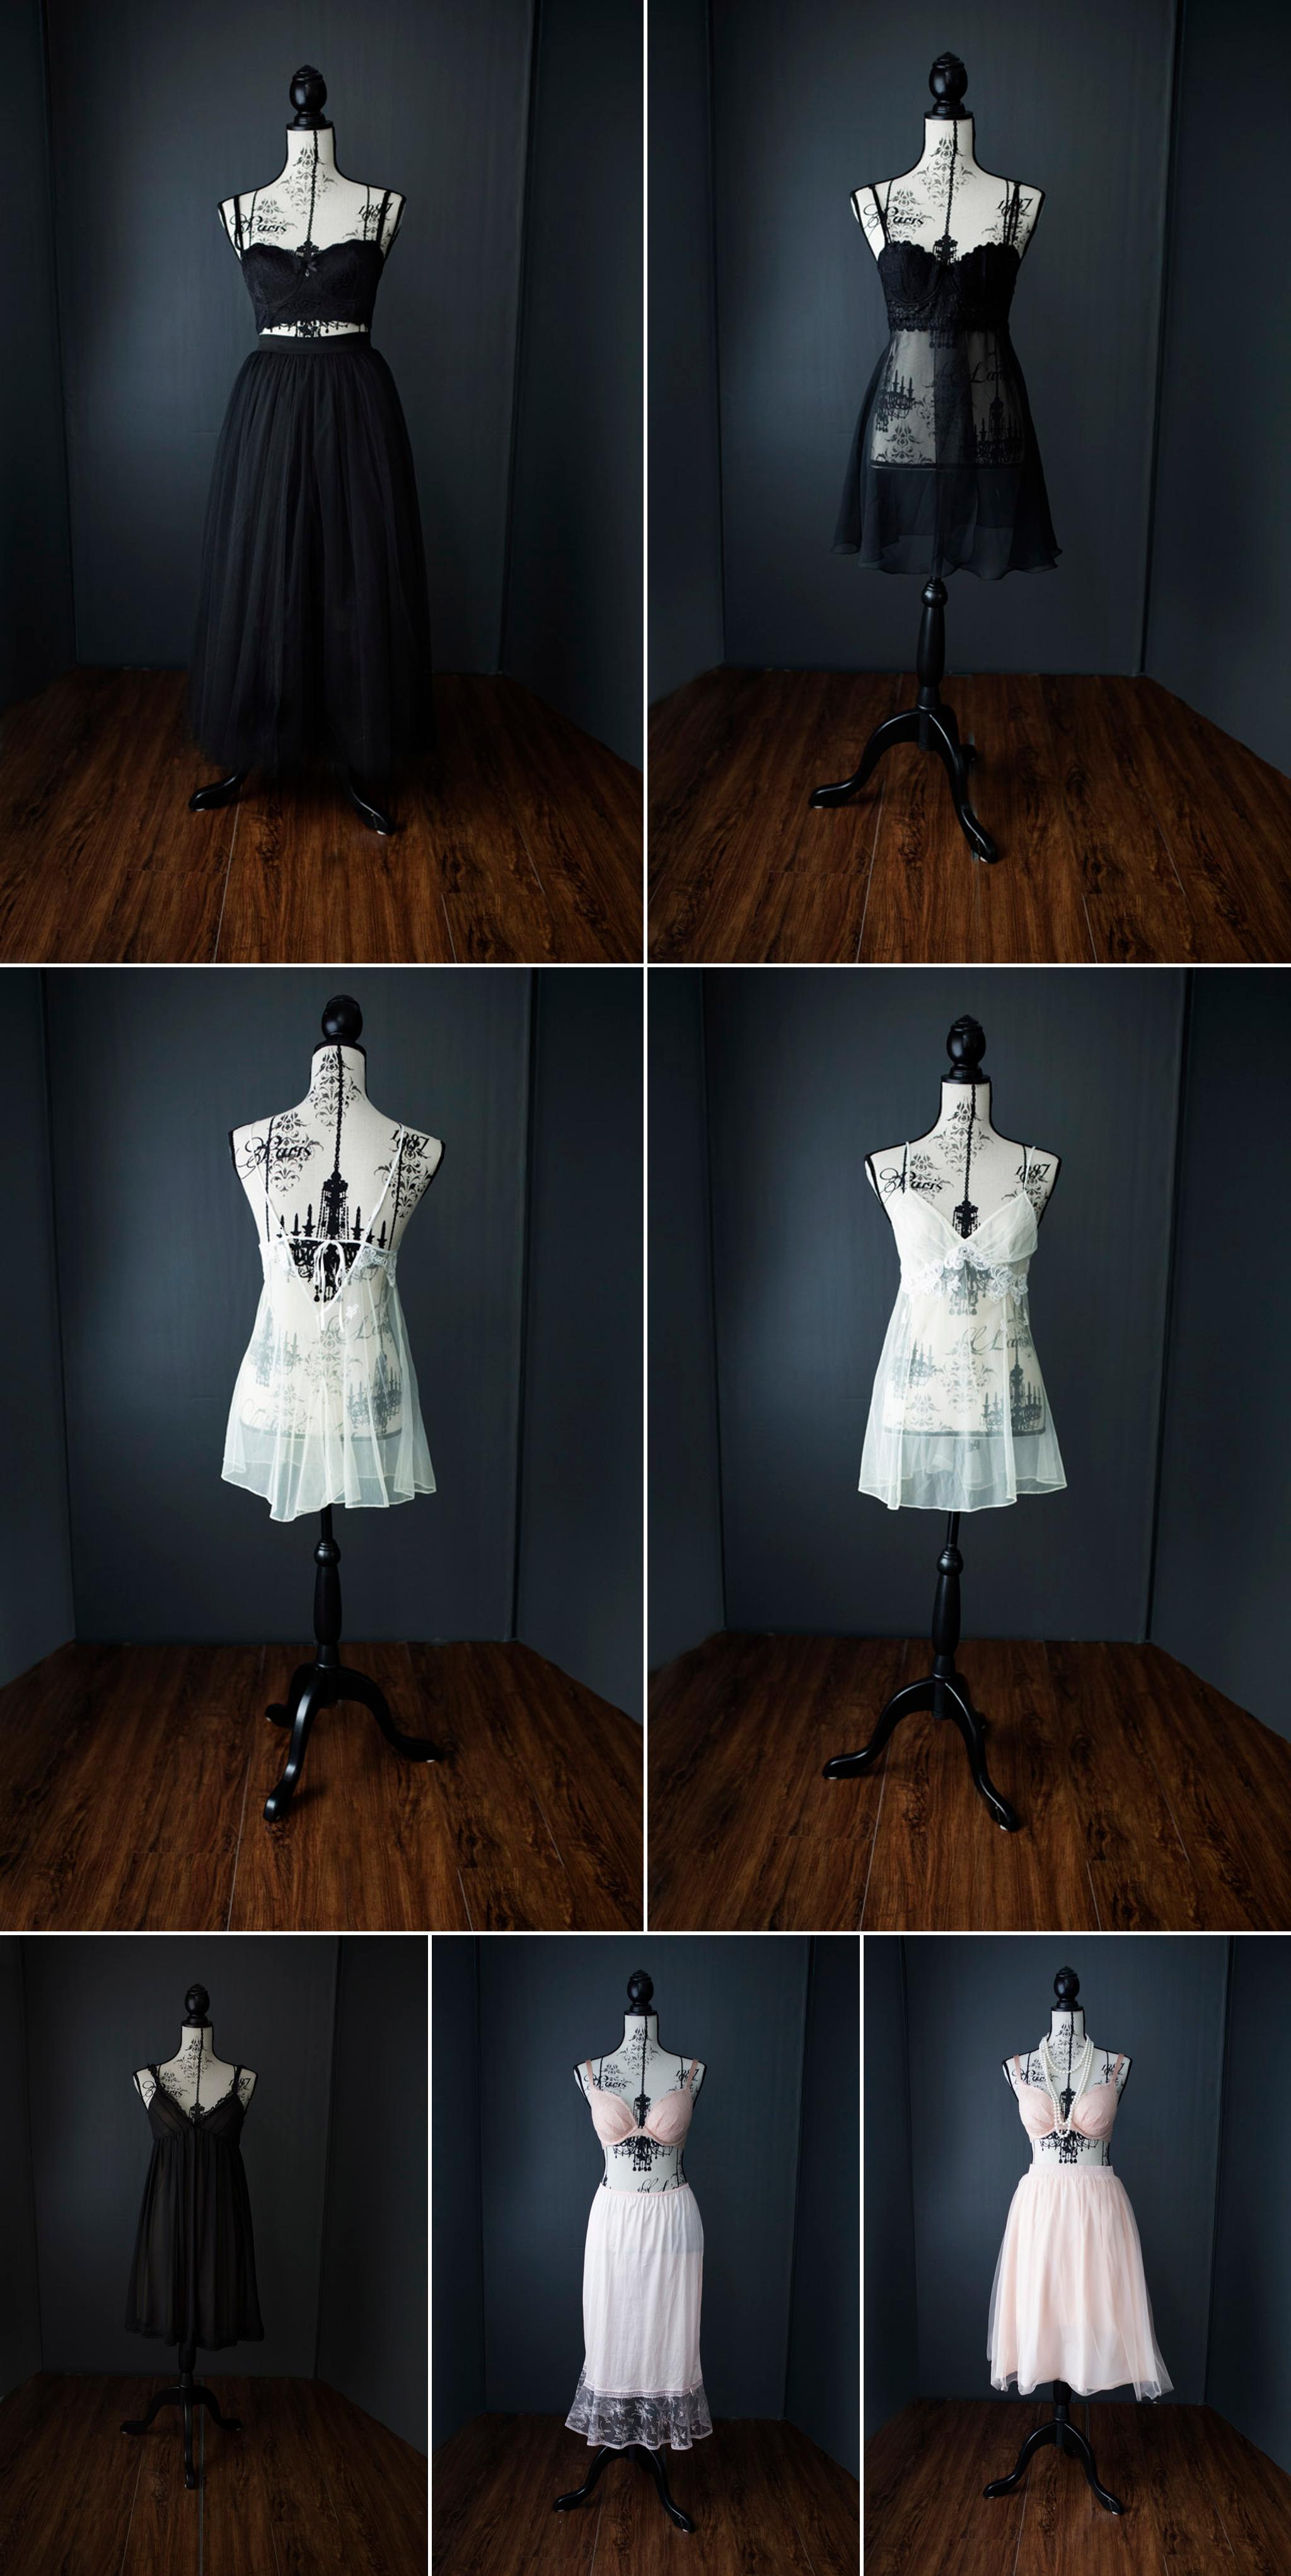 Wardrobe Collage 3